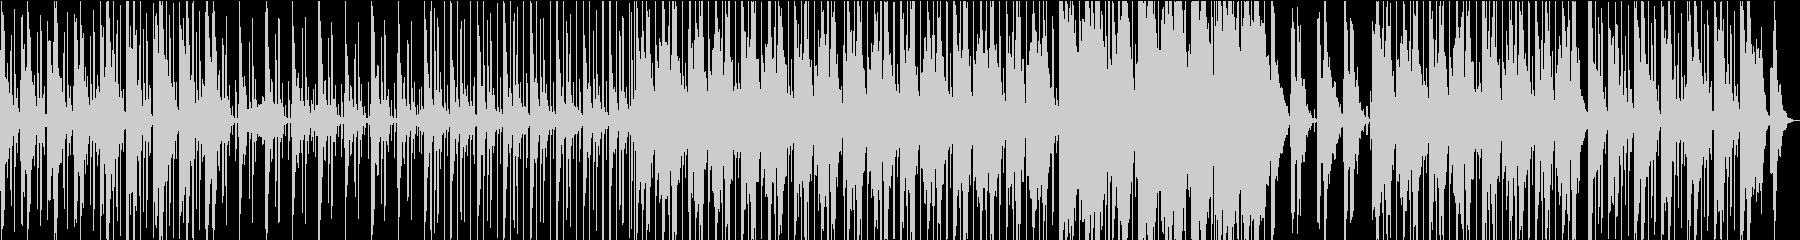 シティポップ/R&B_No460_3の未再生の波形